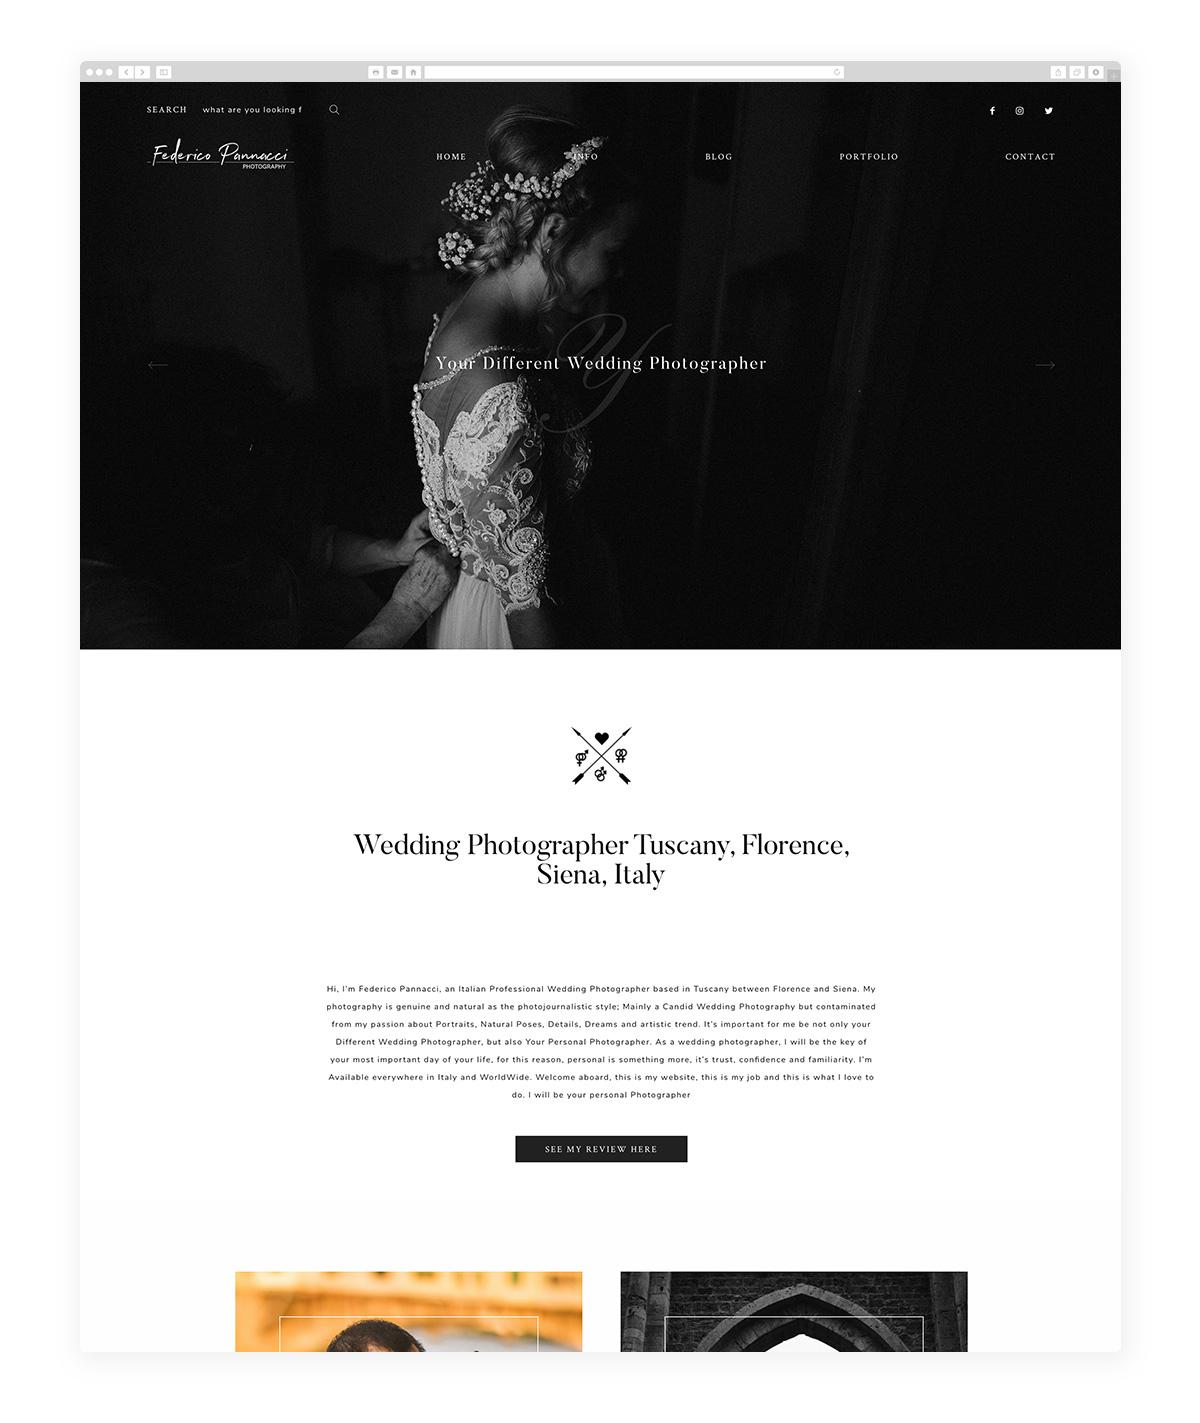 fede-pan-website-example